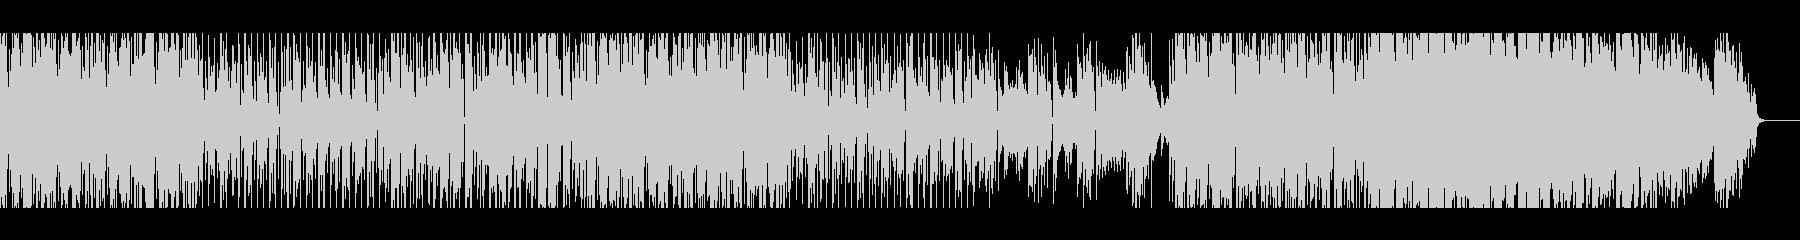 1970年代スペーシーなファンク風BGMの未再生の波形